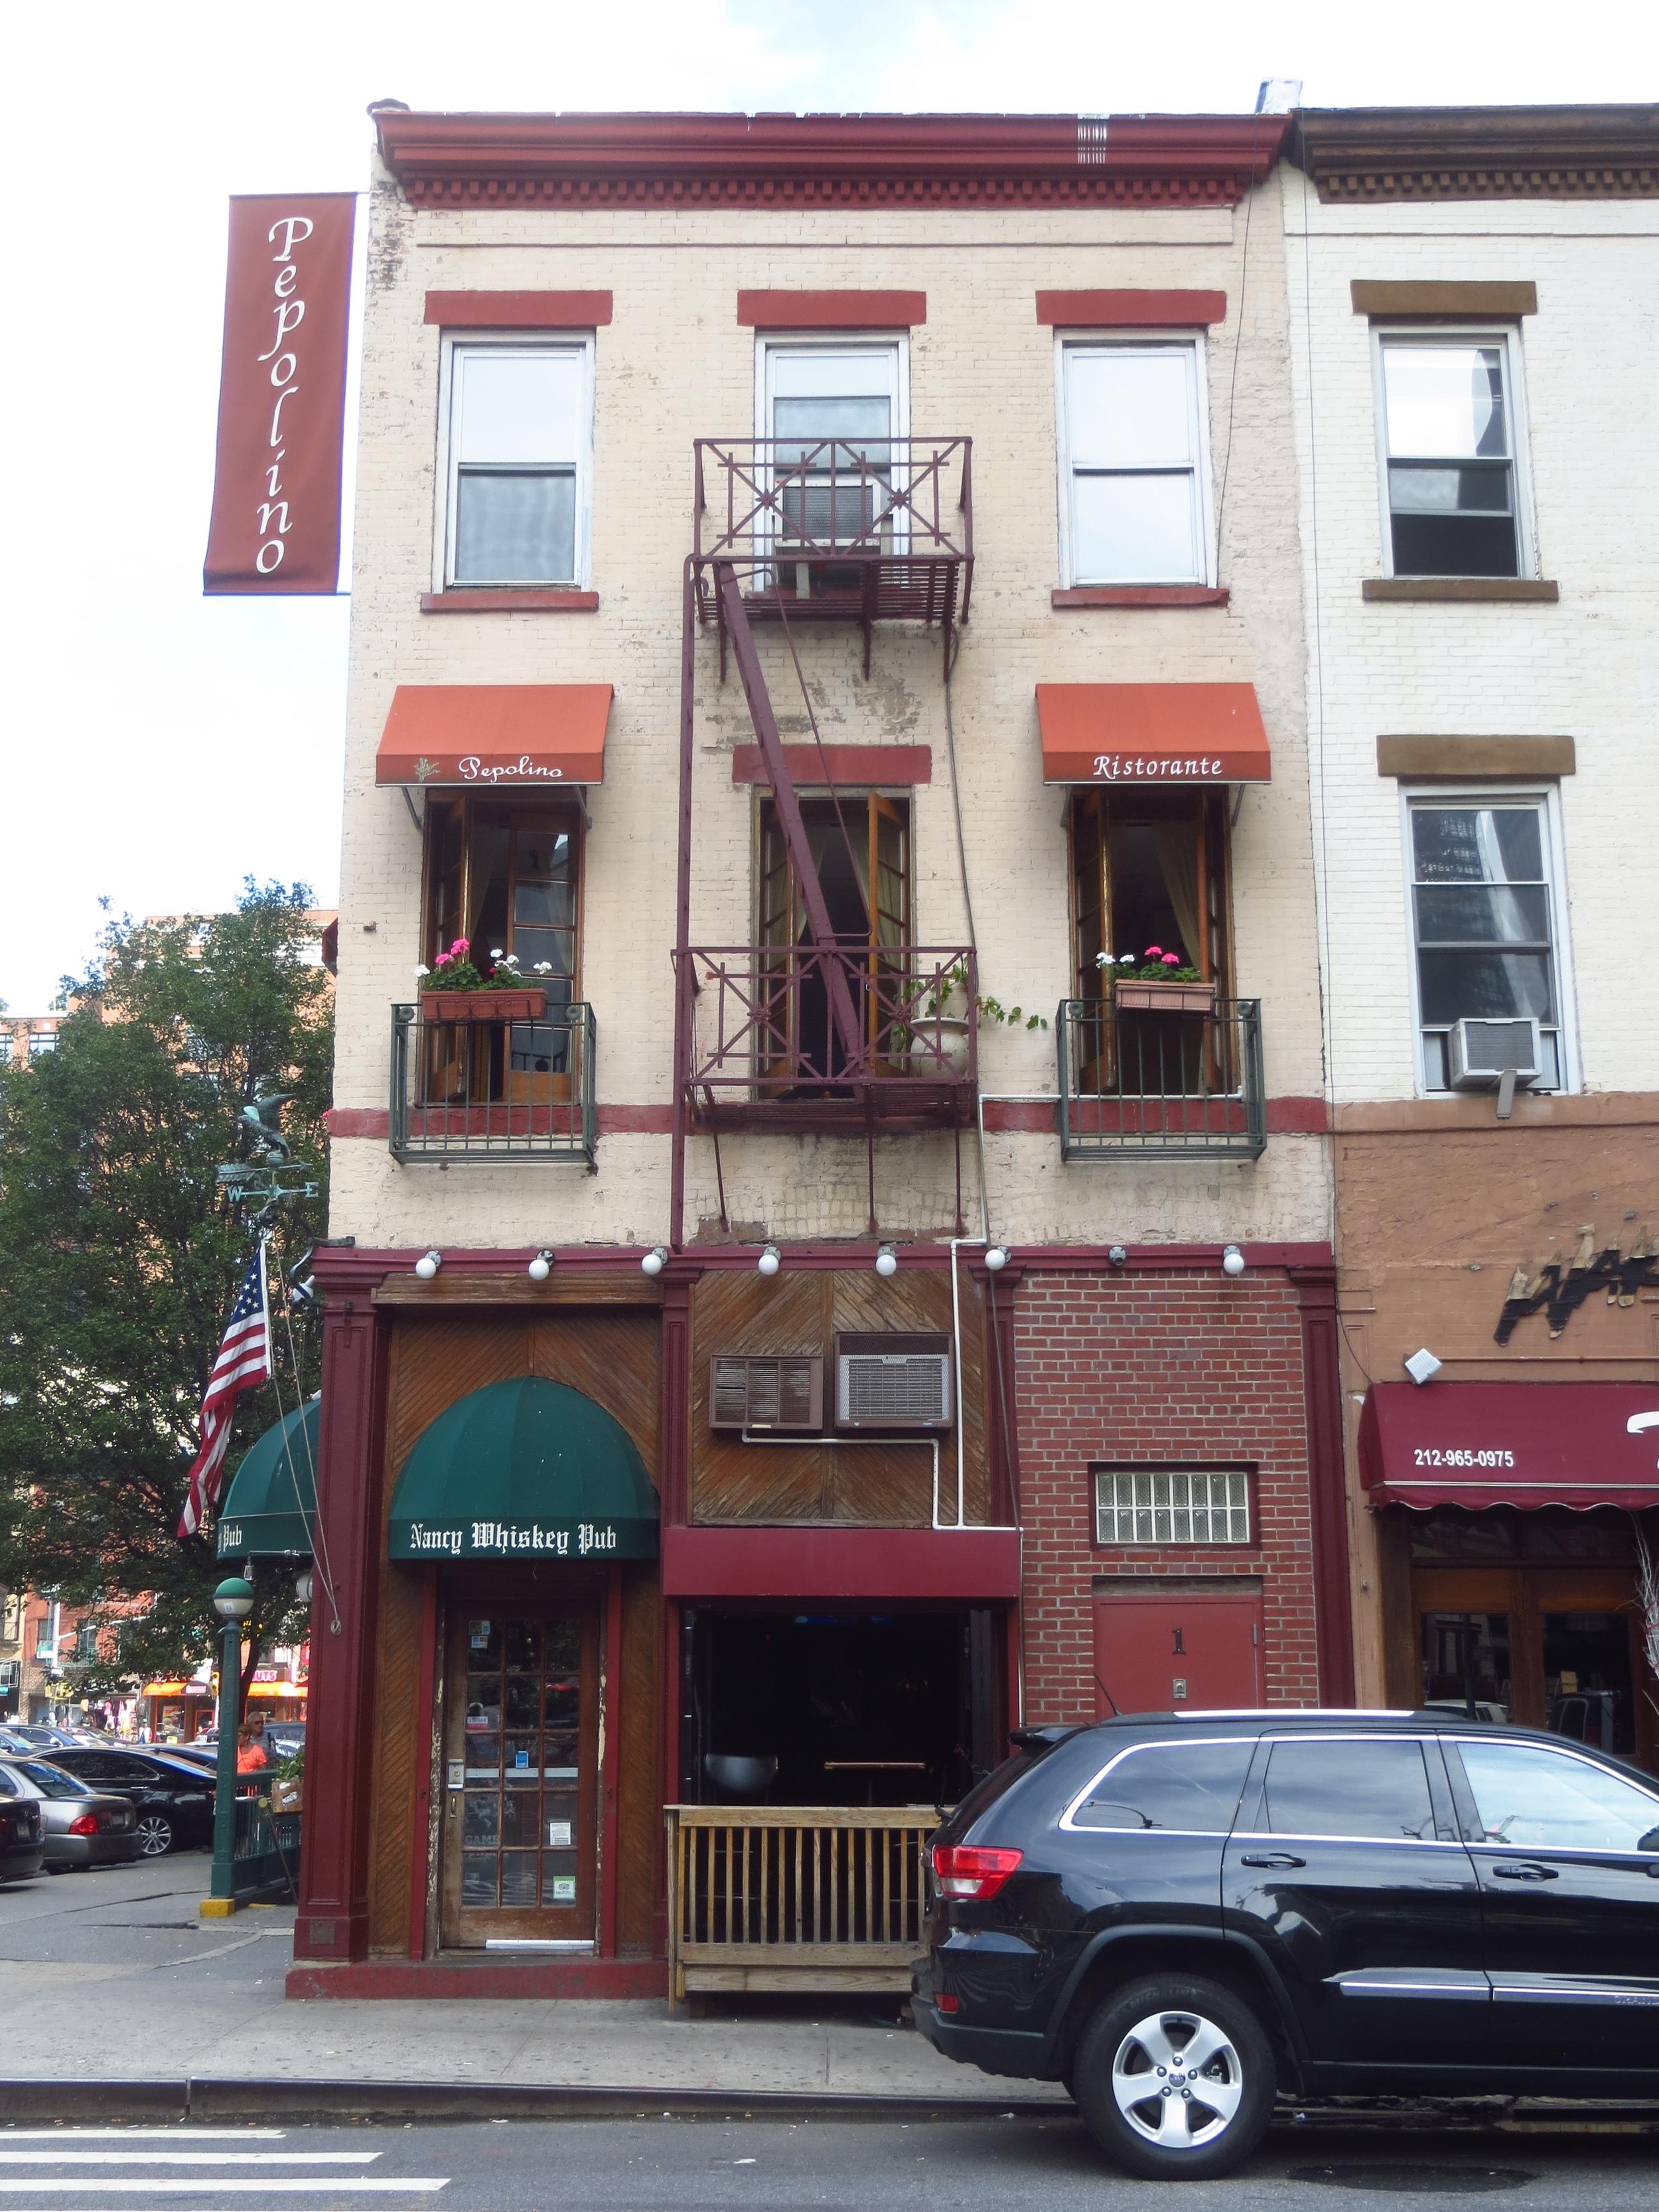 Irish Bar and Italian Restaurant (NYC in a nutshell)